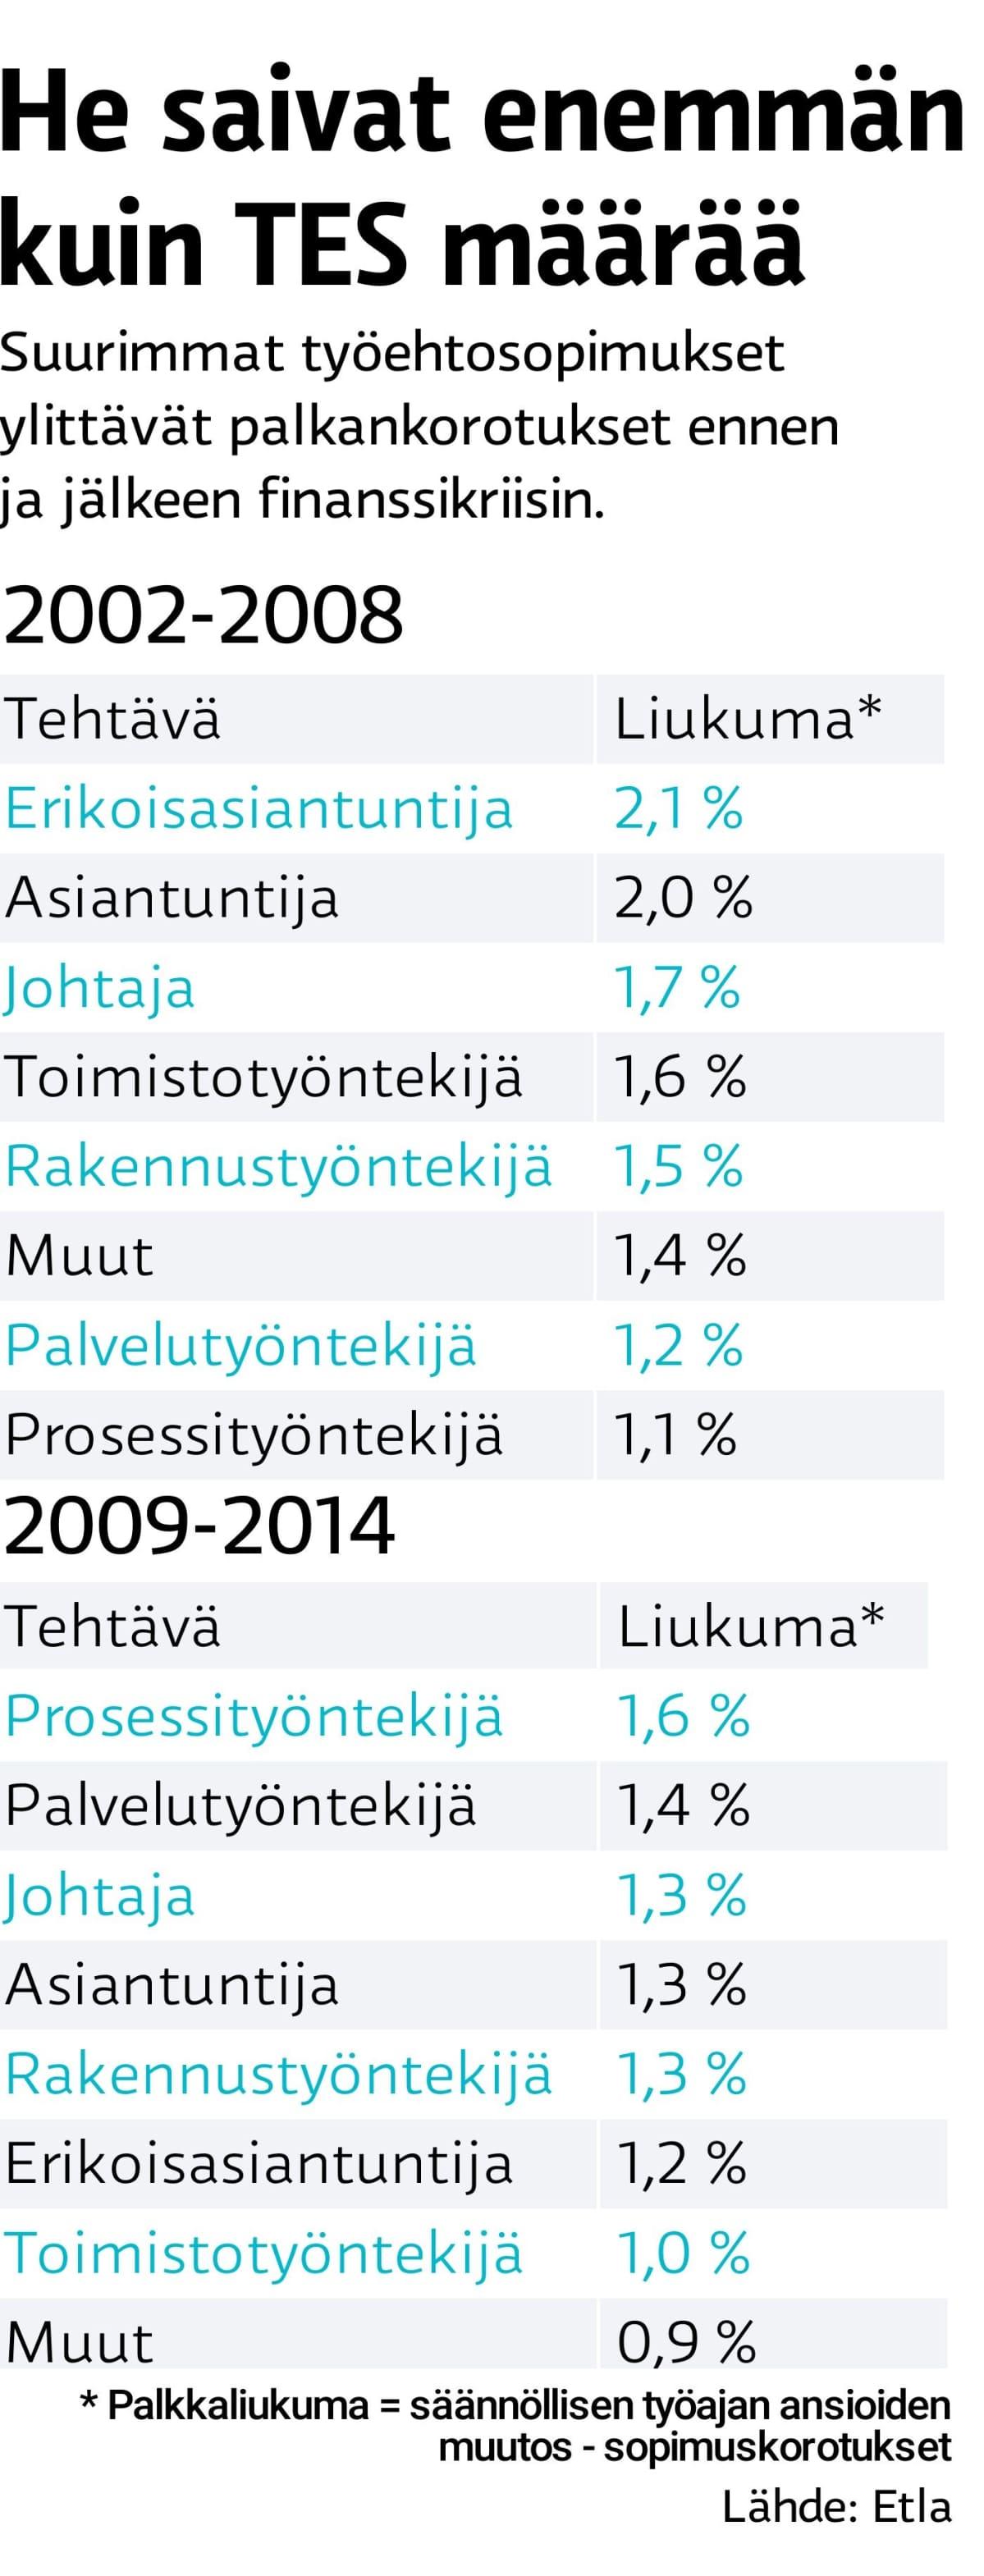 Lidl julisti kilpailun elintarvikeyrityksille: Viedään Suomi-ruoka maailmalle